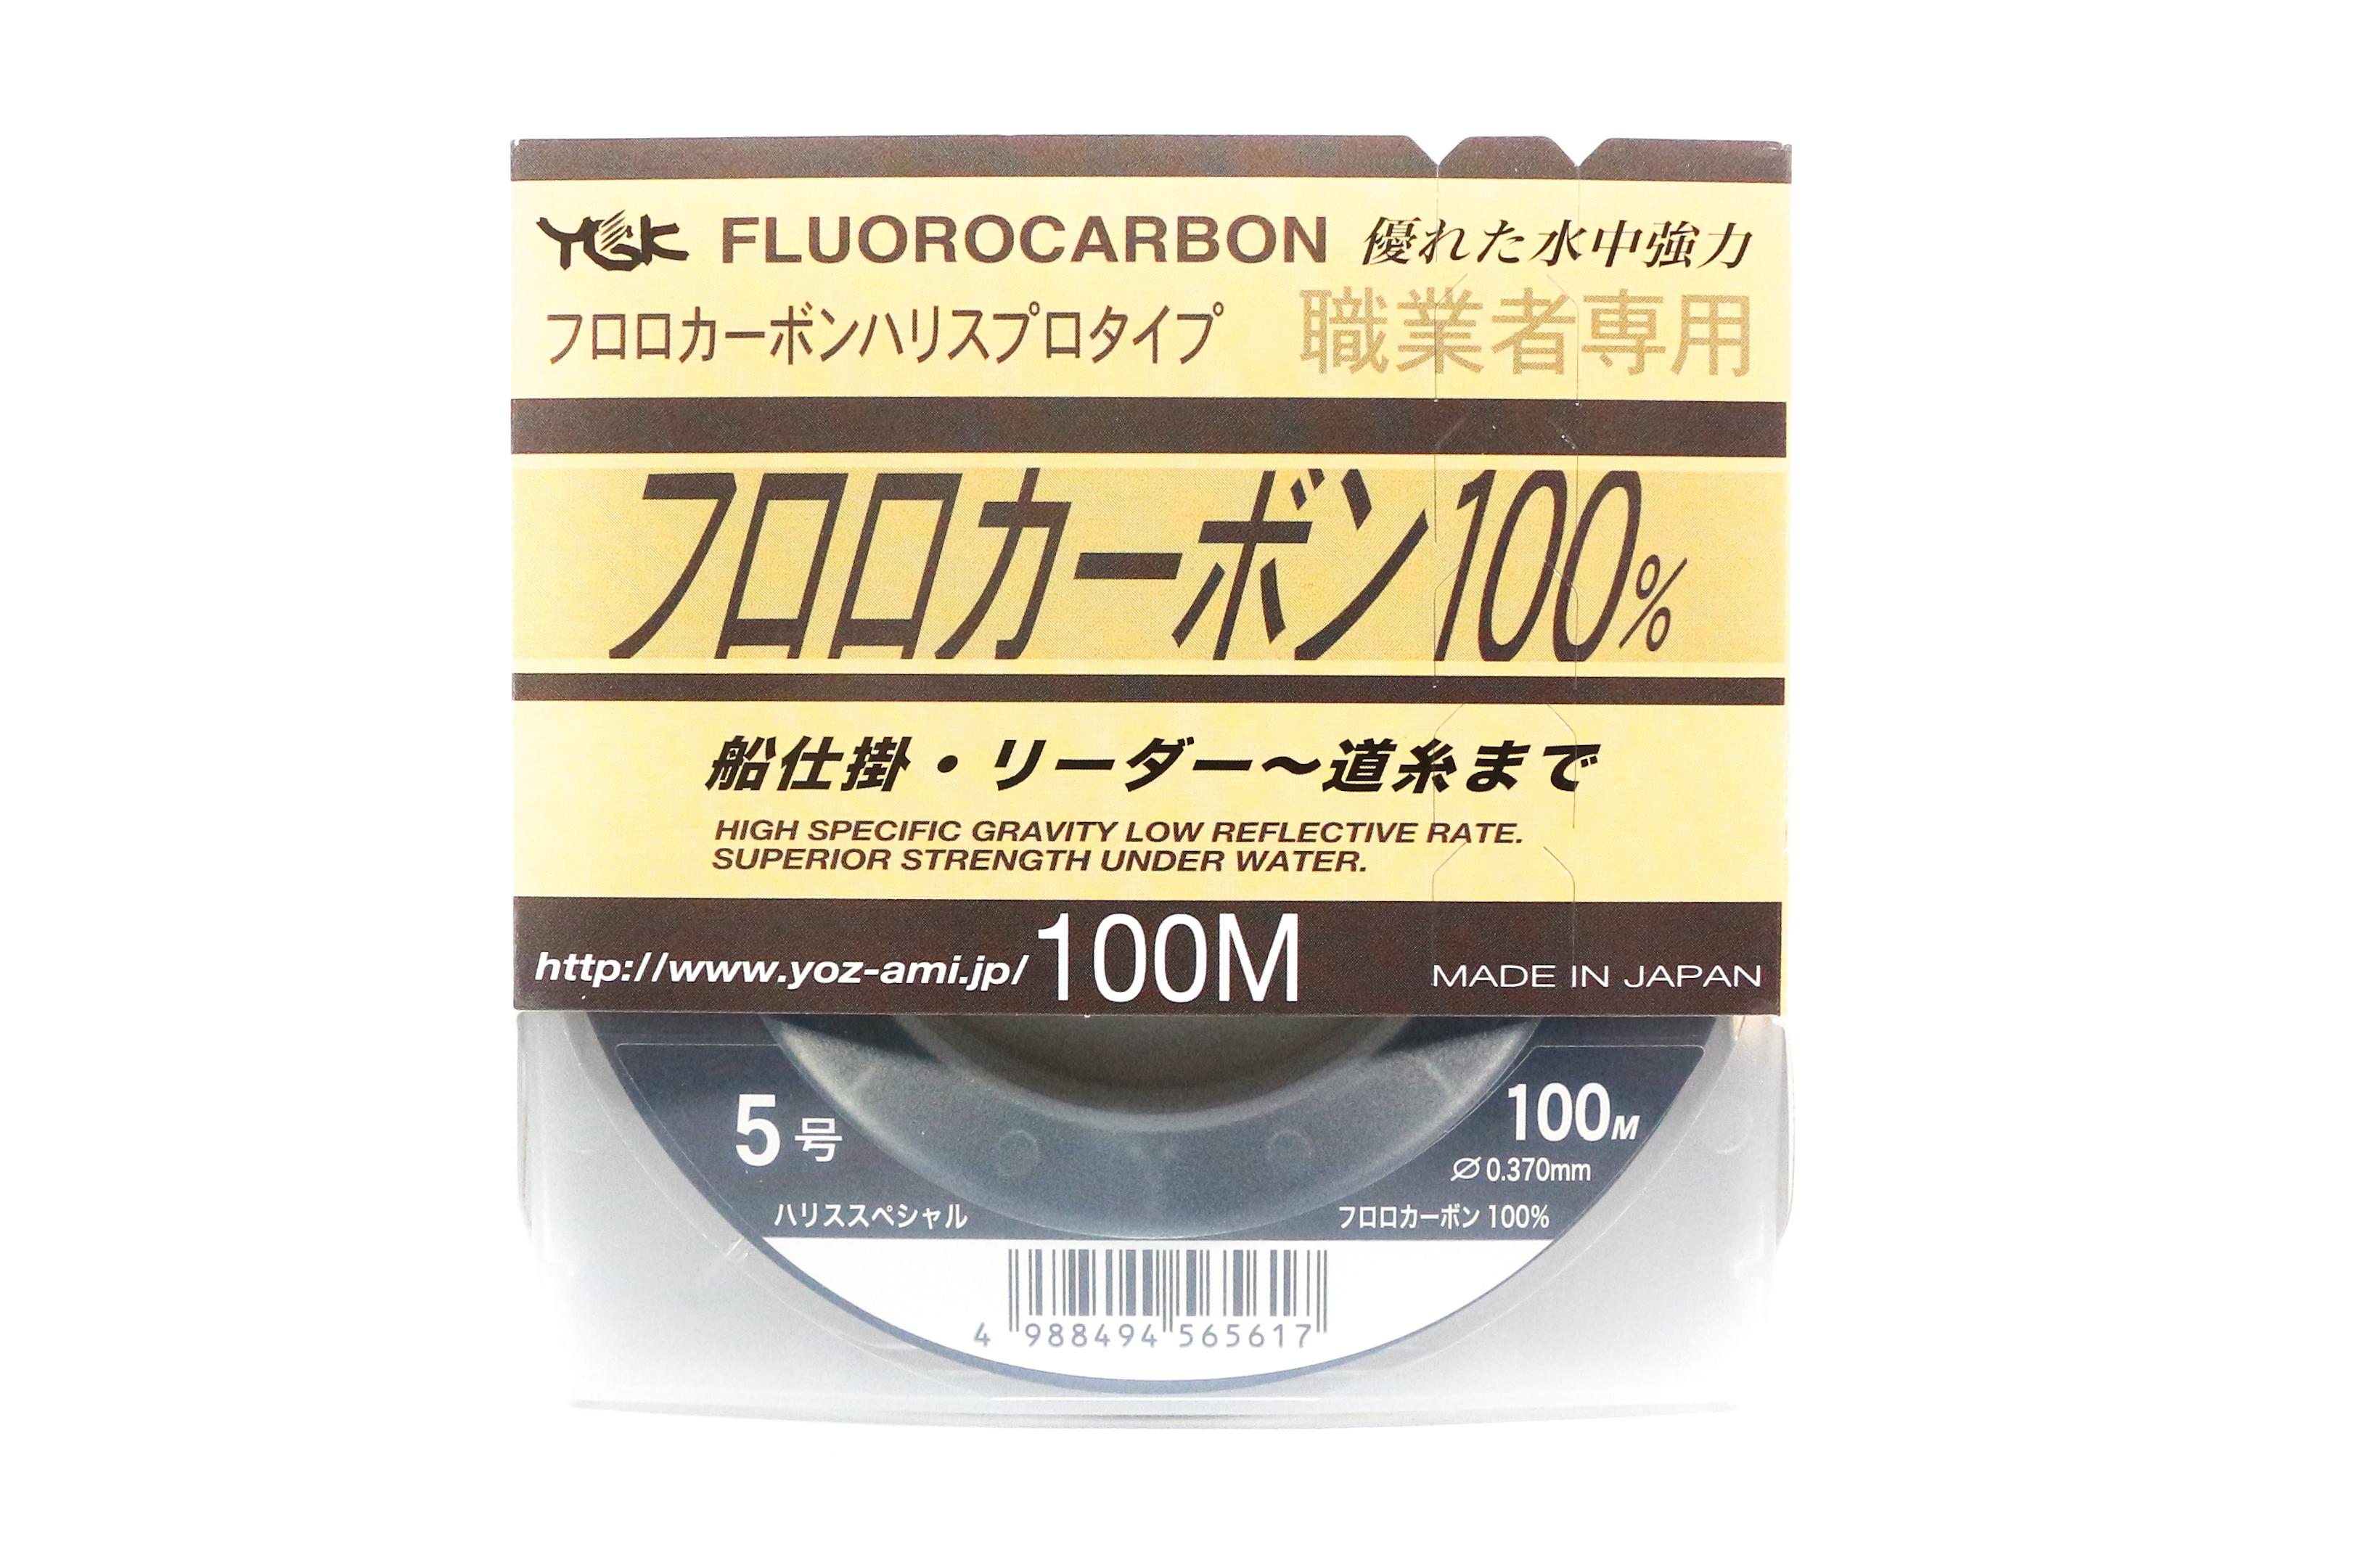 YGK 100% Fluorocarbon Leader Line 100m Size 5 16lb 0.37mm (5617)